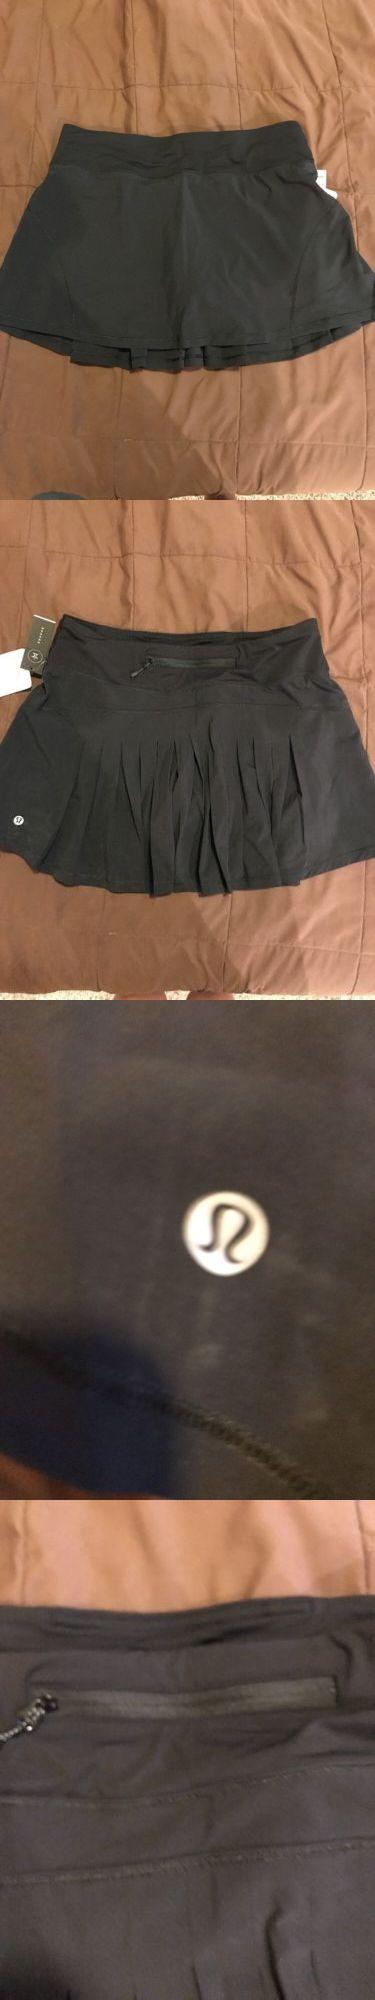 Skirts and Skorts 179824: Lululemon Women S Circuit Breaker Skirt Tall Slim-Fitting Skirt Black Size 8 -> BUY IT NOW ONLY: $62.99 on eBay!